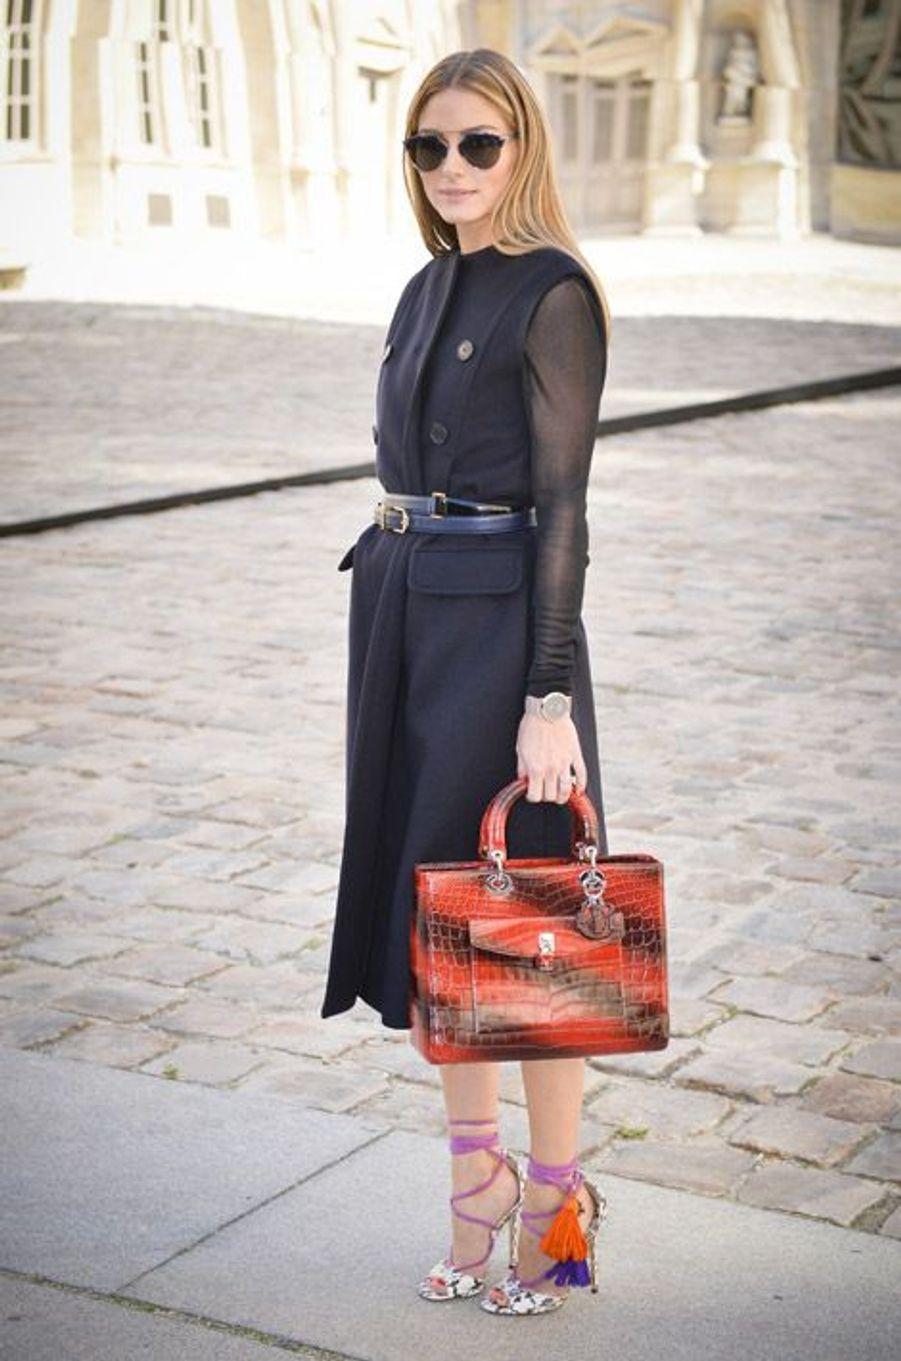 La styliste Olivia Palermo en Jimmy Choo, assiste au défilé Christian Dior à Paris, le 26 septembre 2014